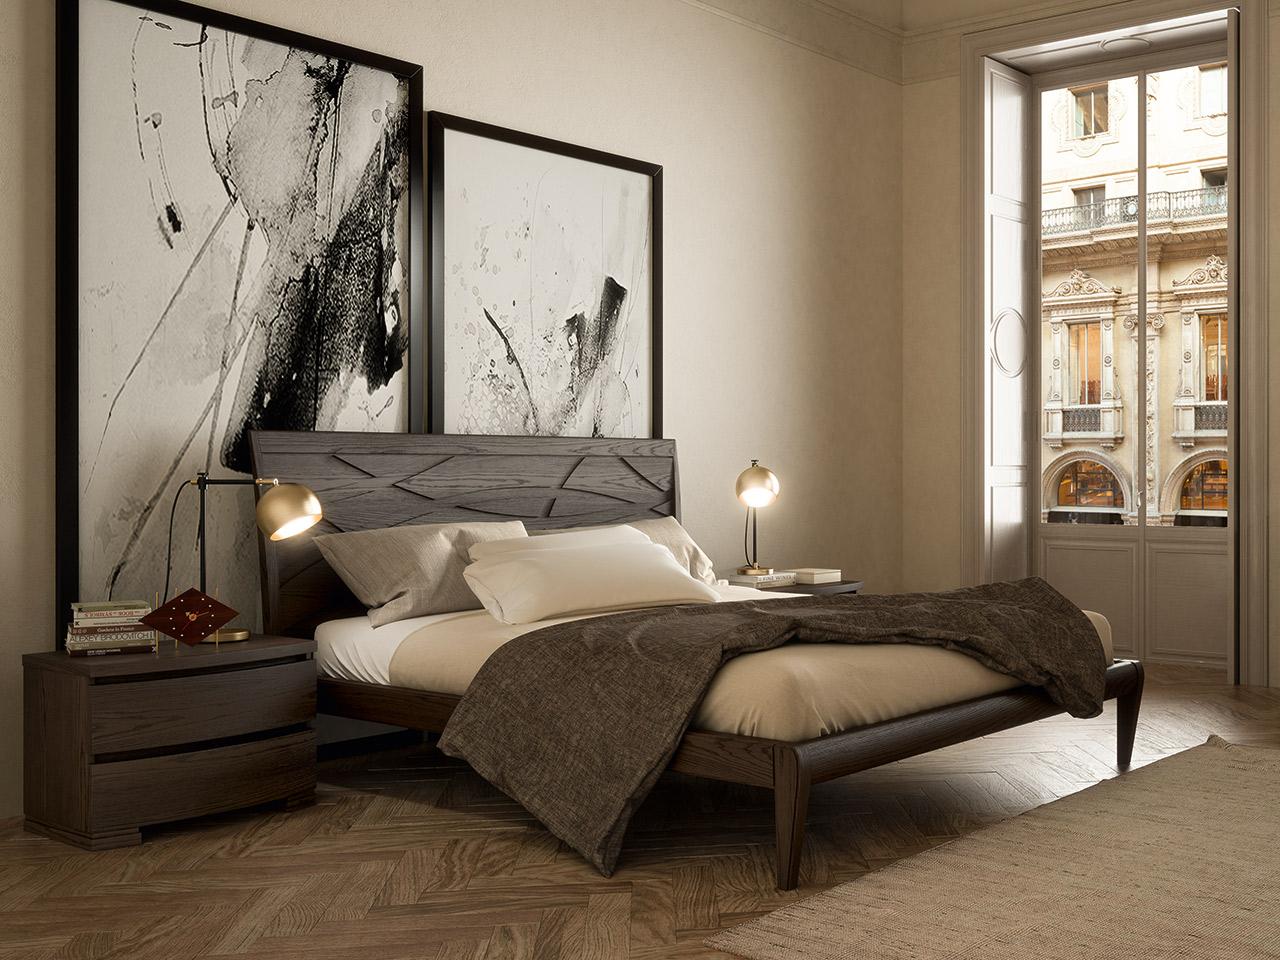 Testata Letto Con Porta Vecchia camere da letto bruno piombini | mobili incardone